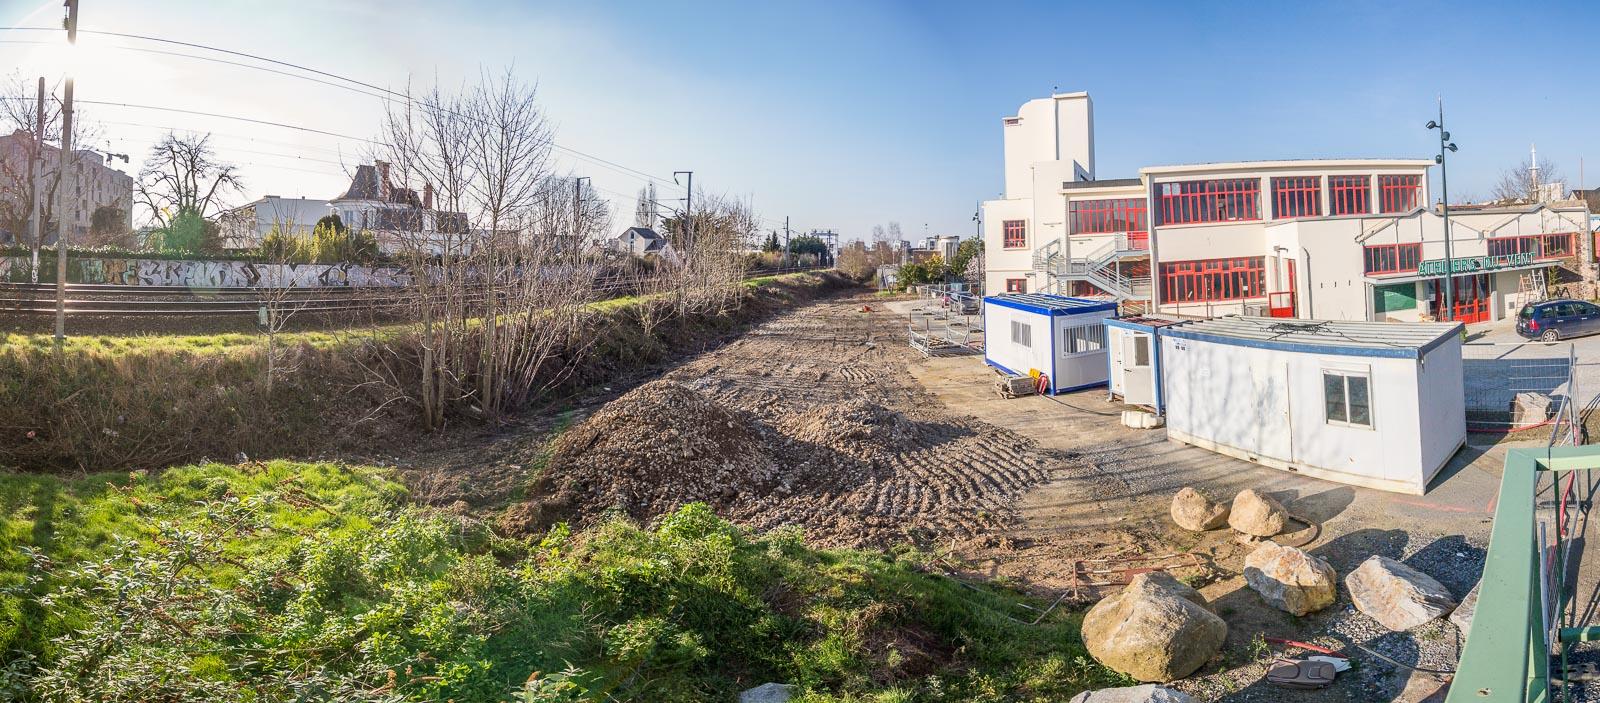 le mur habité photo reportage rennes dimitri lamour web 800p--2